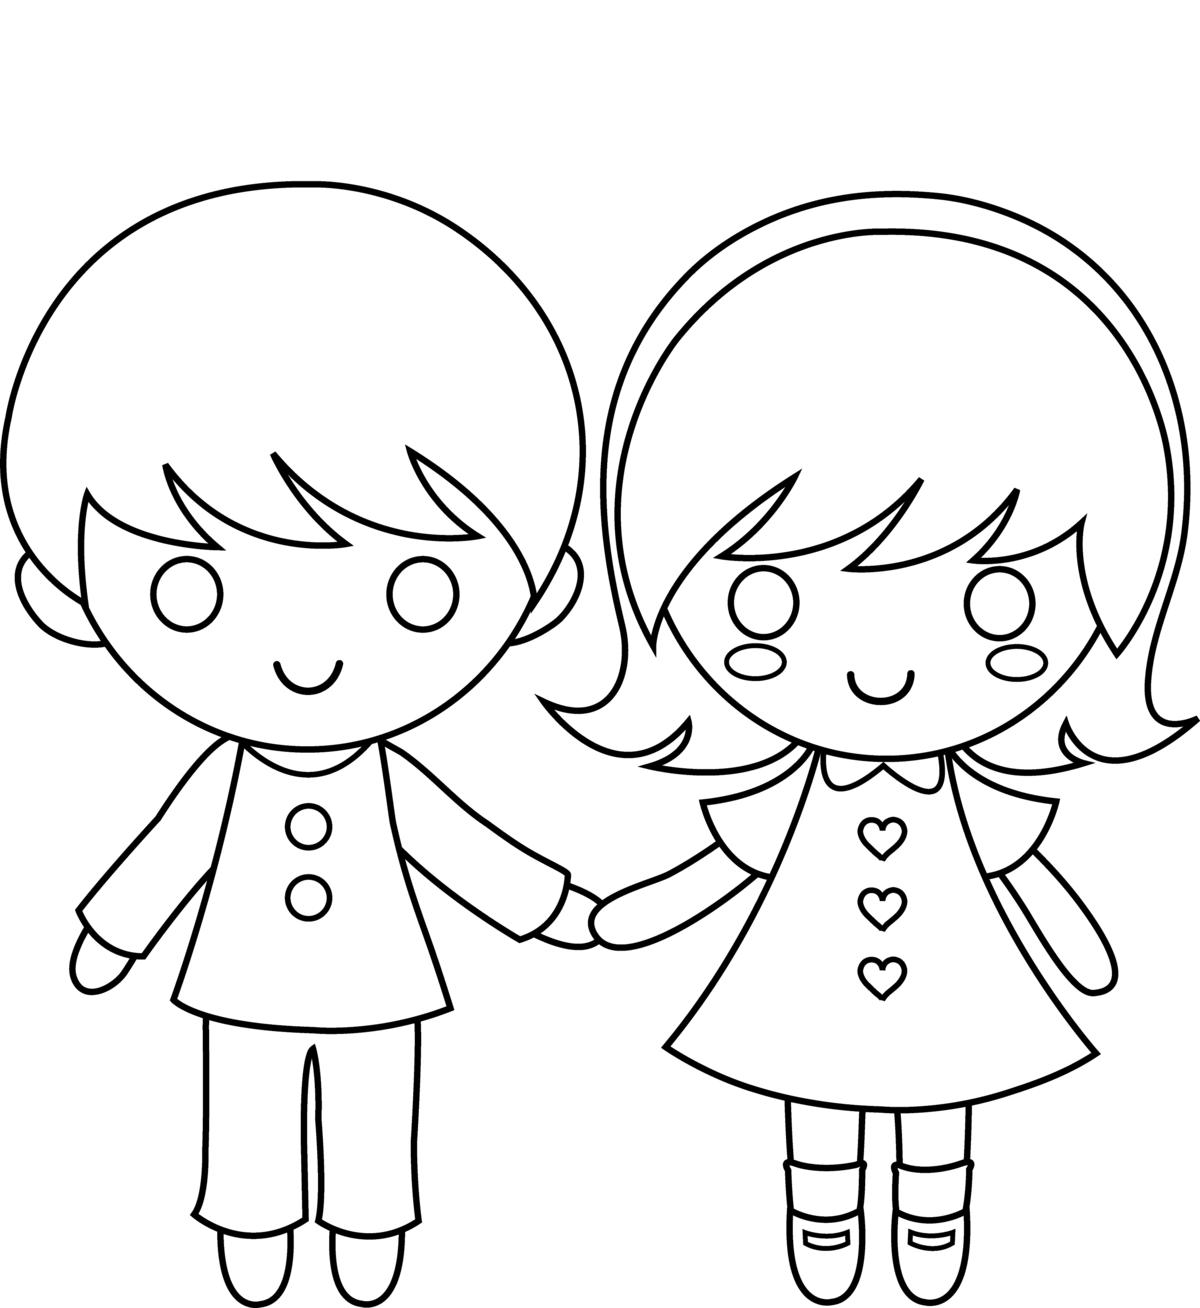 Картинки для мальчиков и для девочек для срисовки